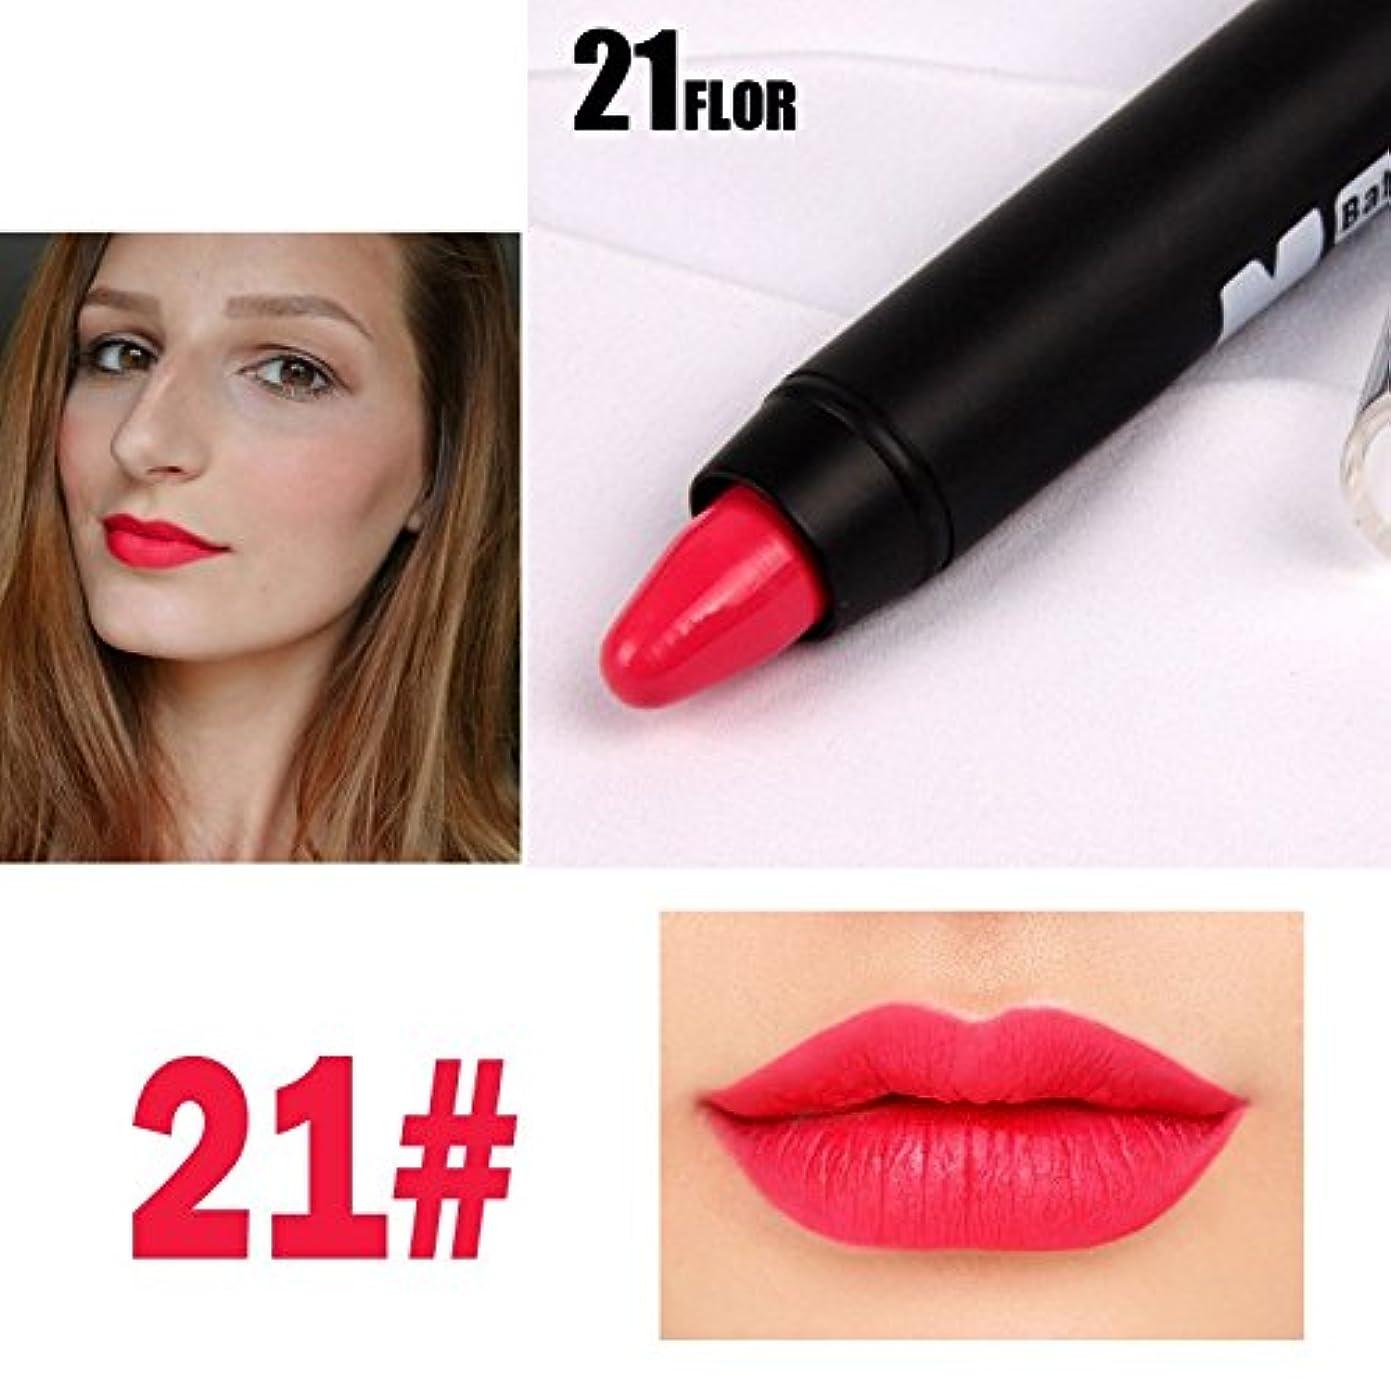 マットレス夏スカウトMISS ROSE Professional Women Waterproof Lipstick Lips Cream Beauty Lote Batom Matte Lipstick Nude Pencils Makeup